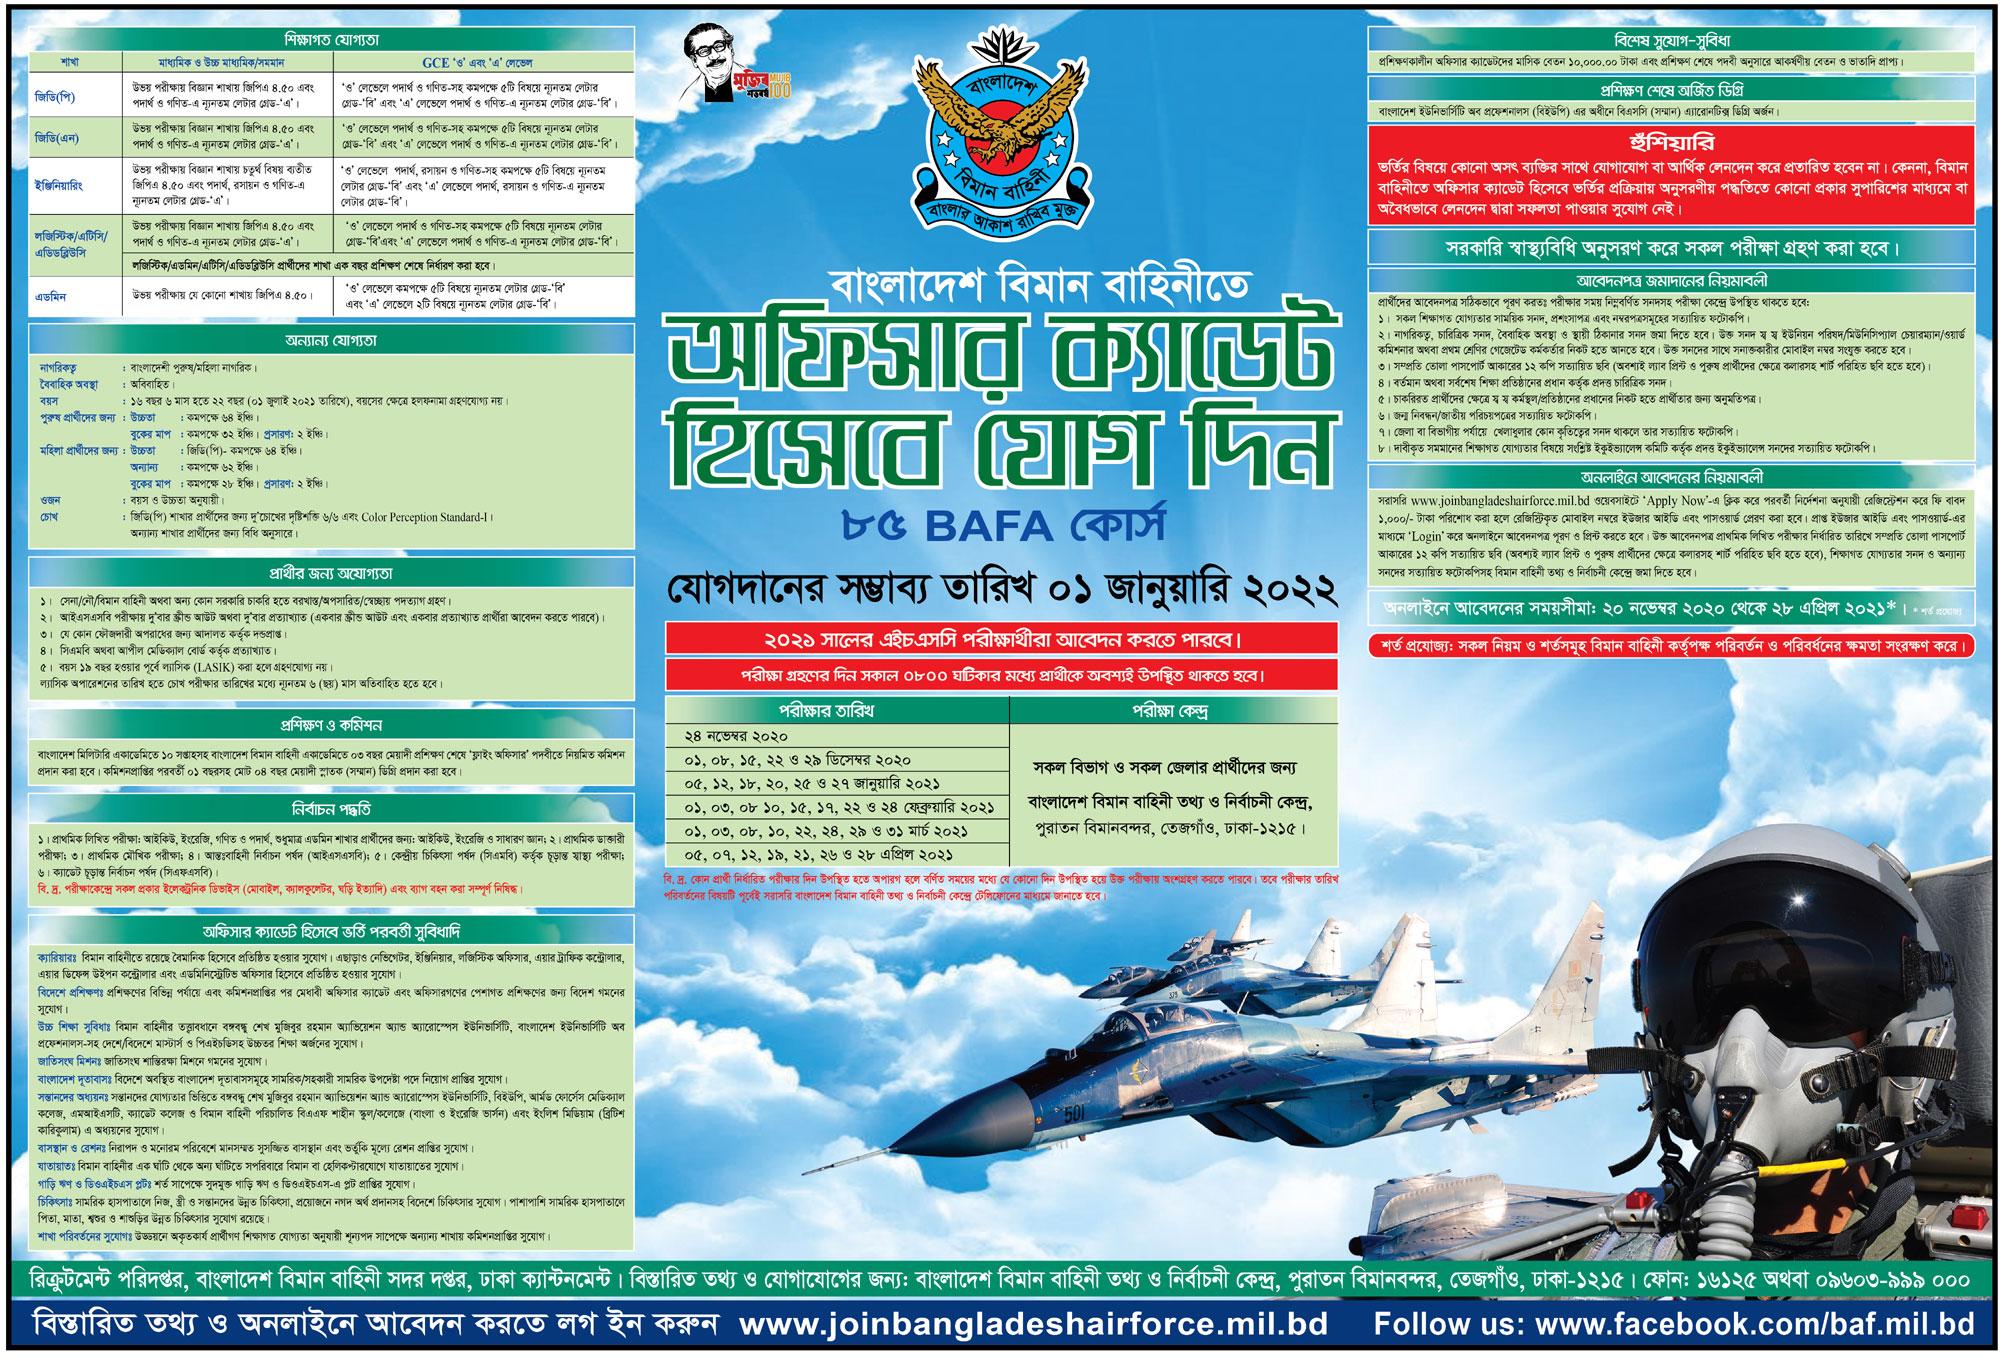 85 BAFA officer cadet job circular